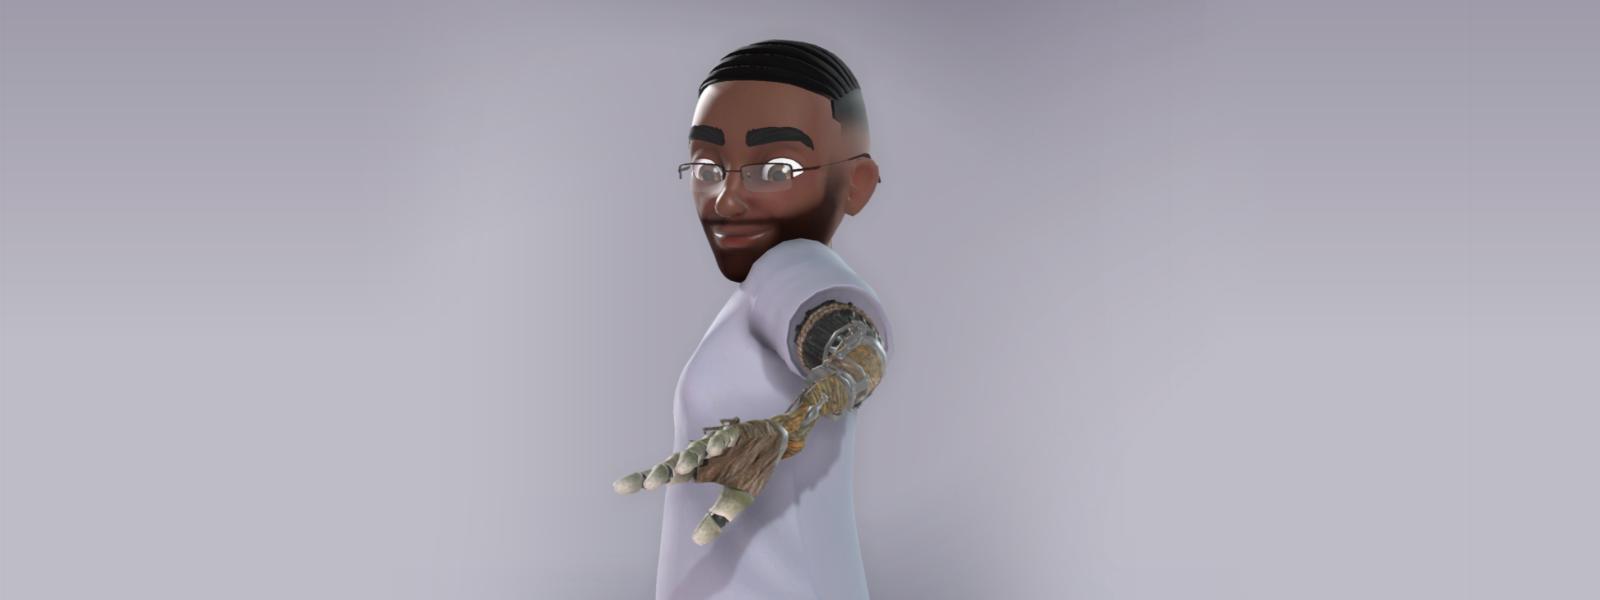 Un personaje avatar de Xbox mira a su brazo prostético